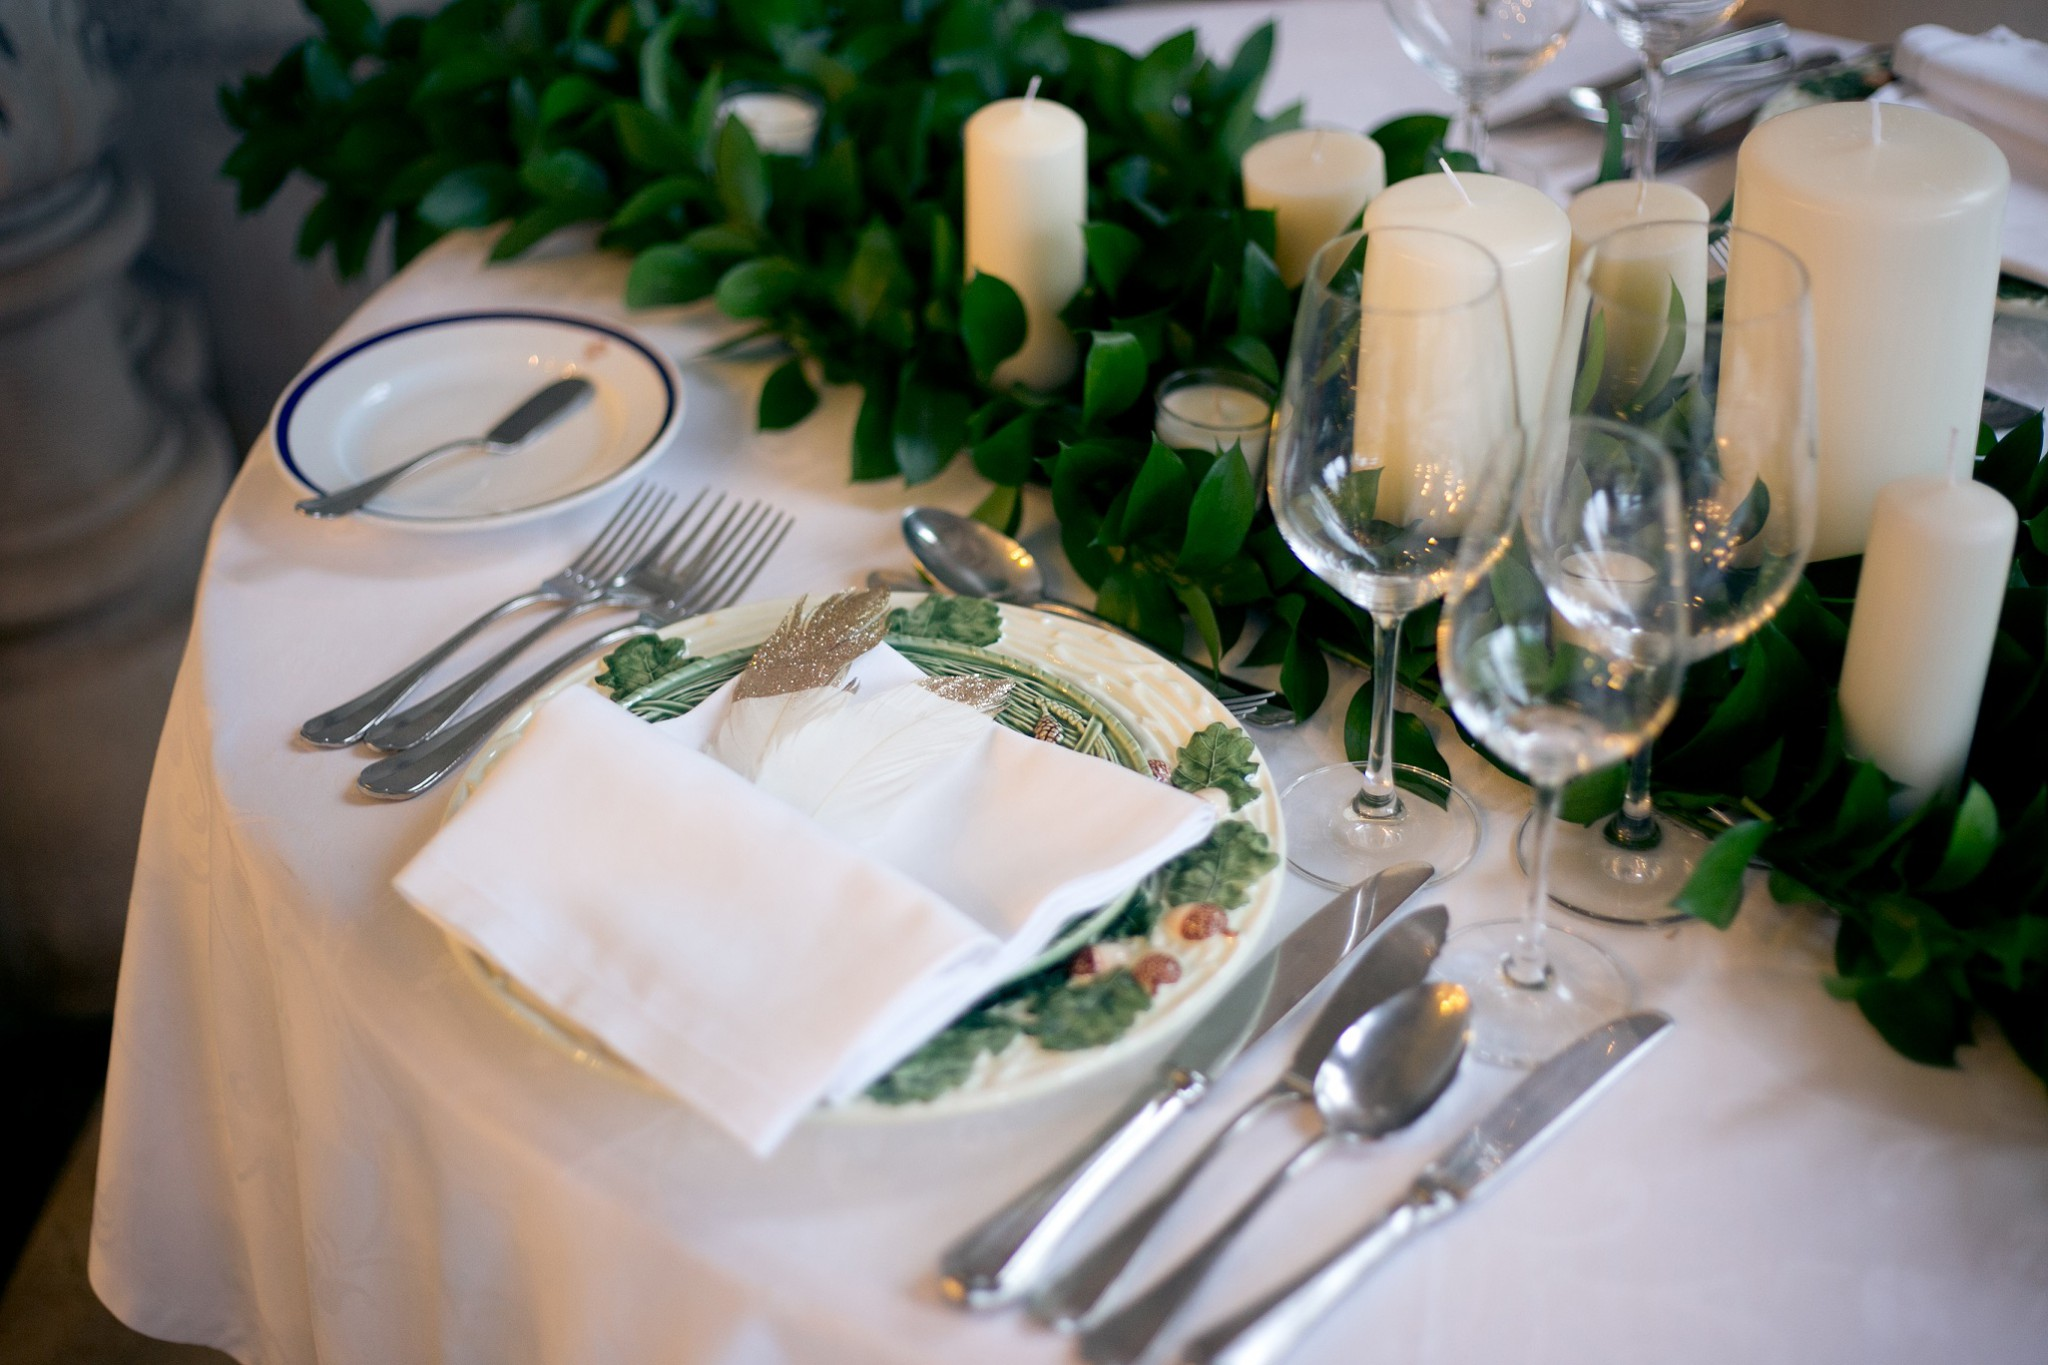 大人花嫁向け 余興なし 演出なしのシンプル結婚式がおすすめ